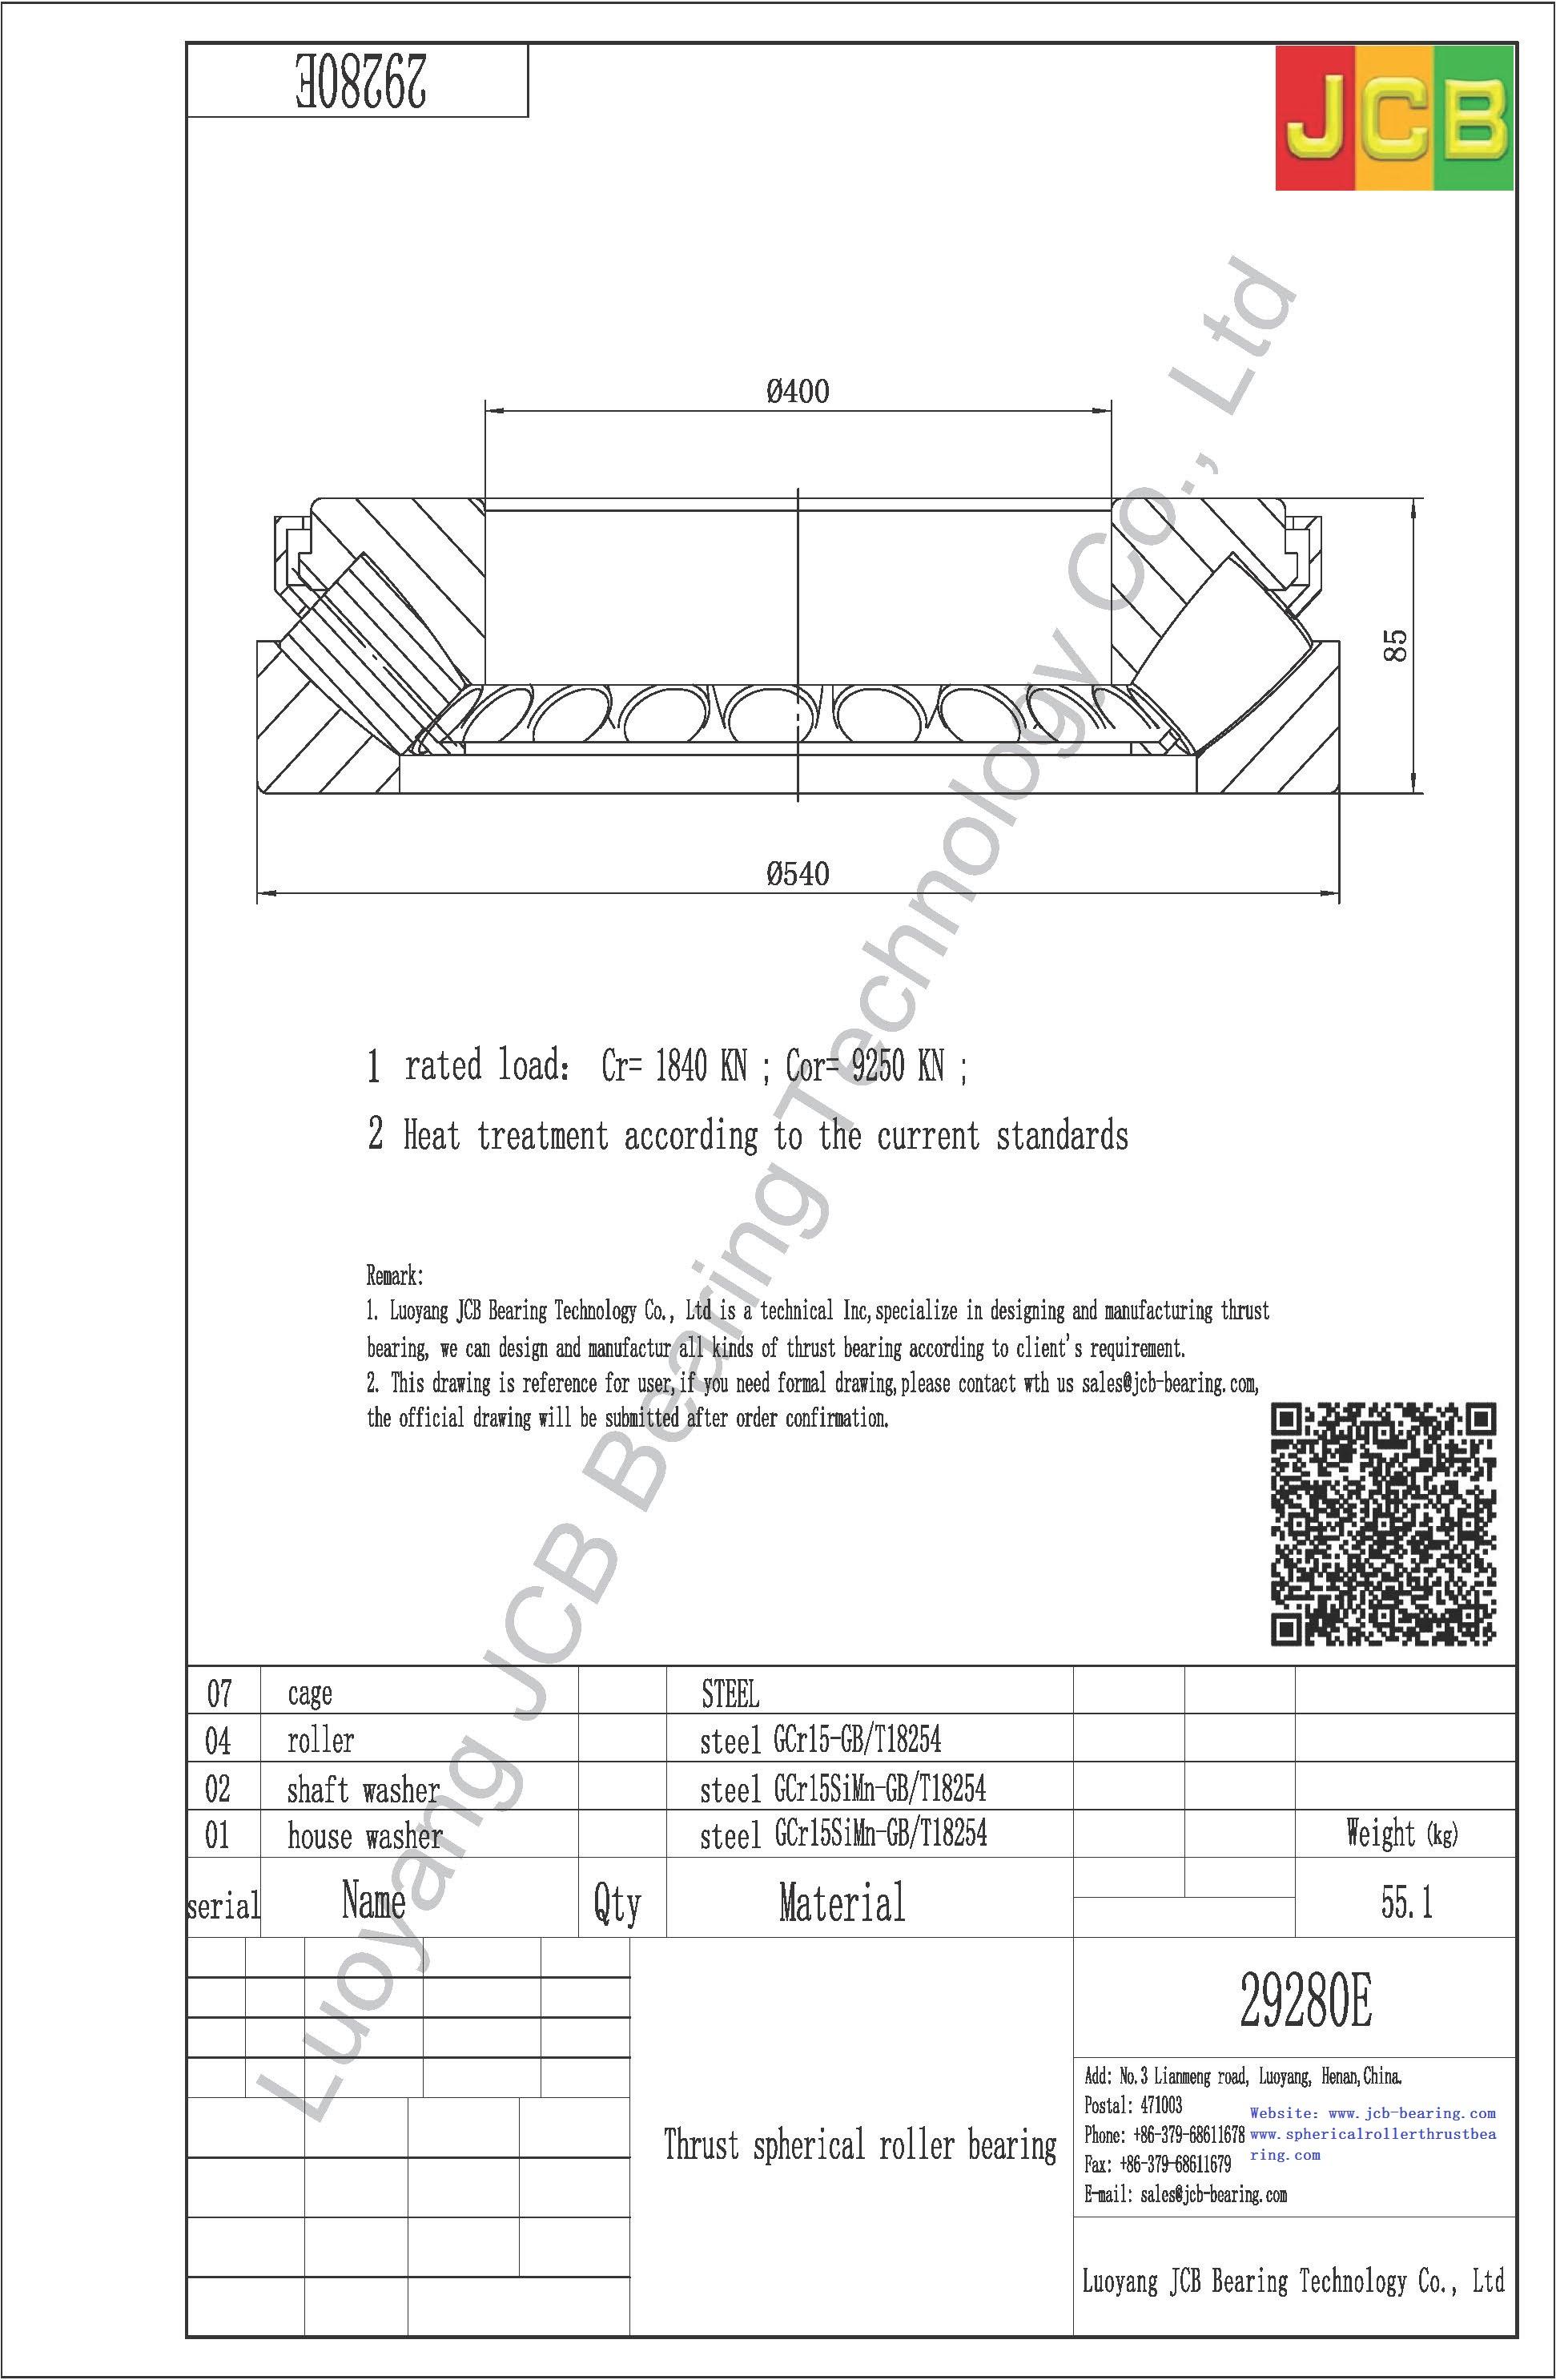 29280 E spherical roller thrust bearing